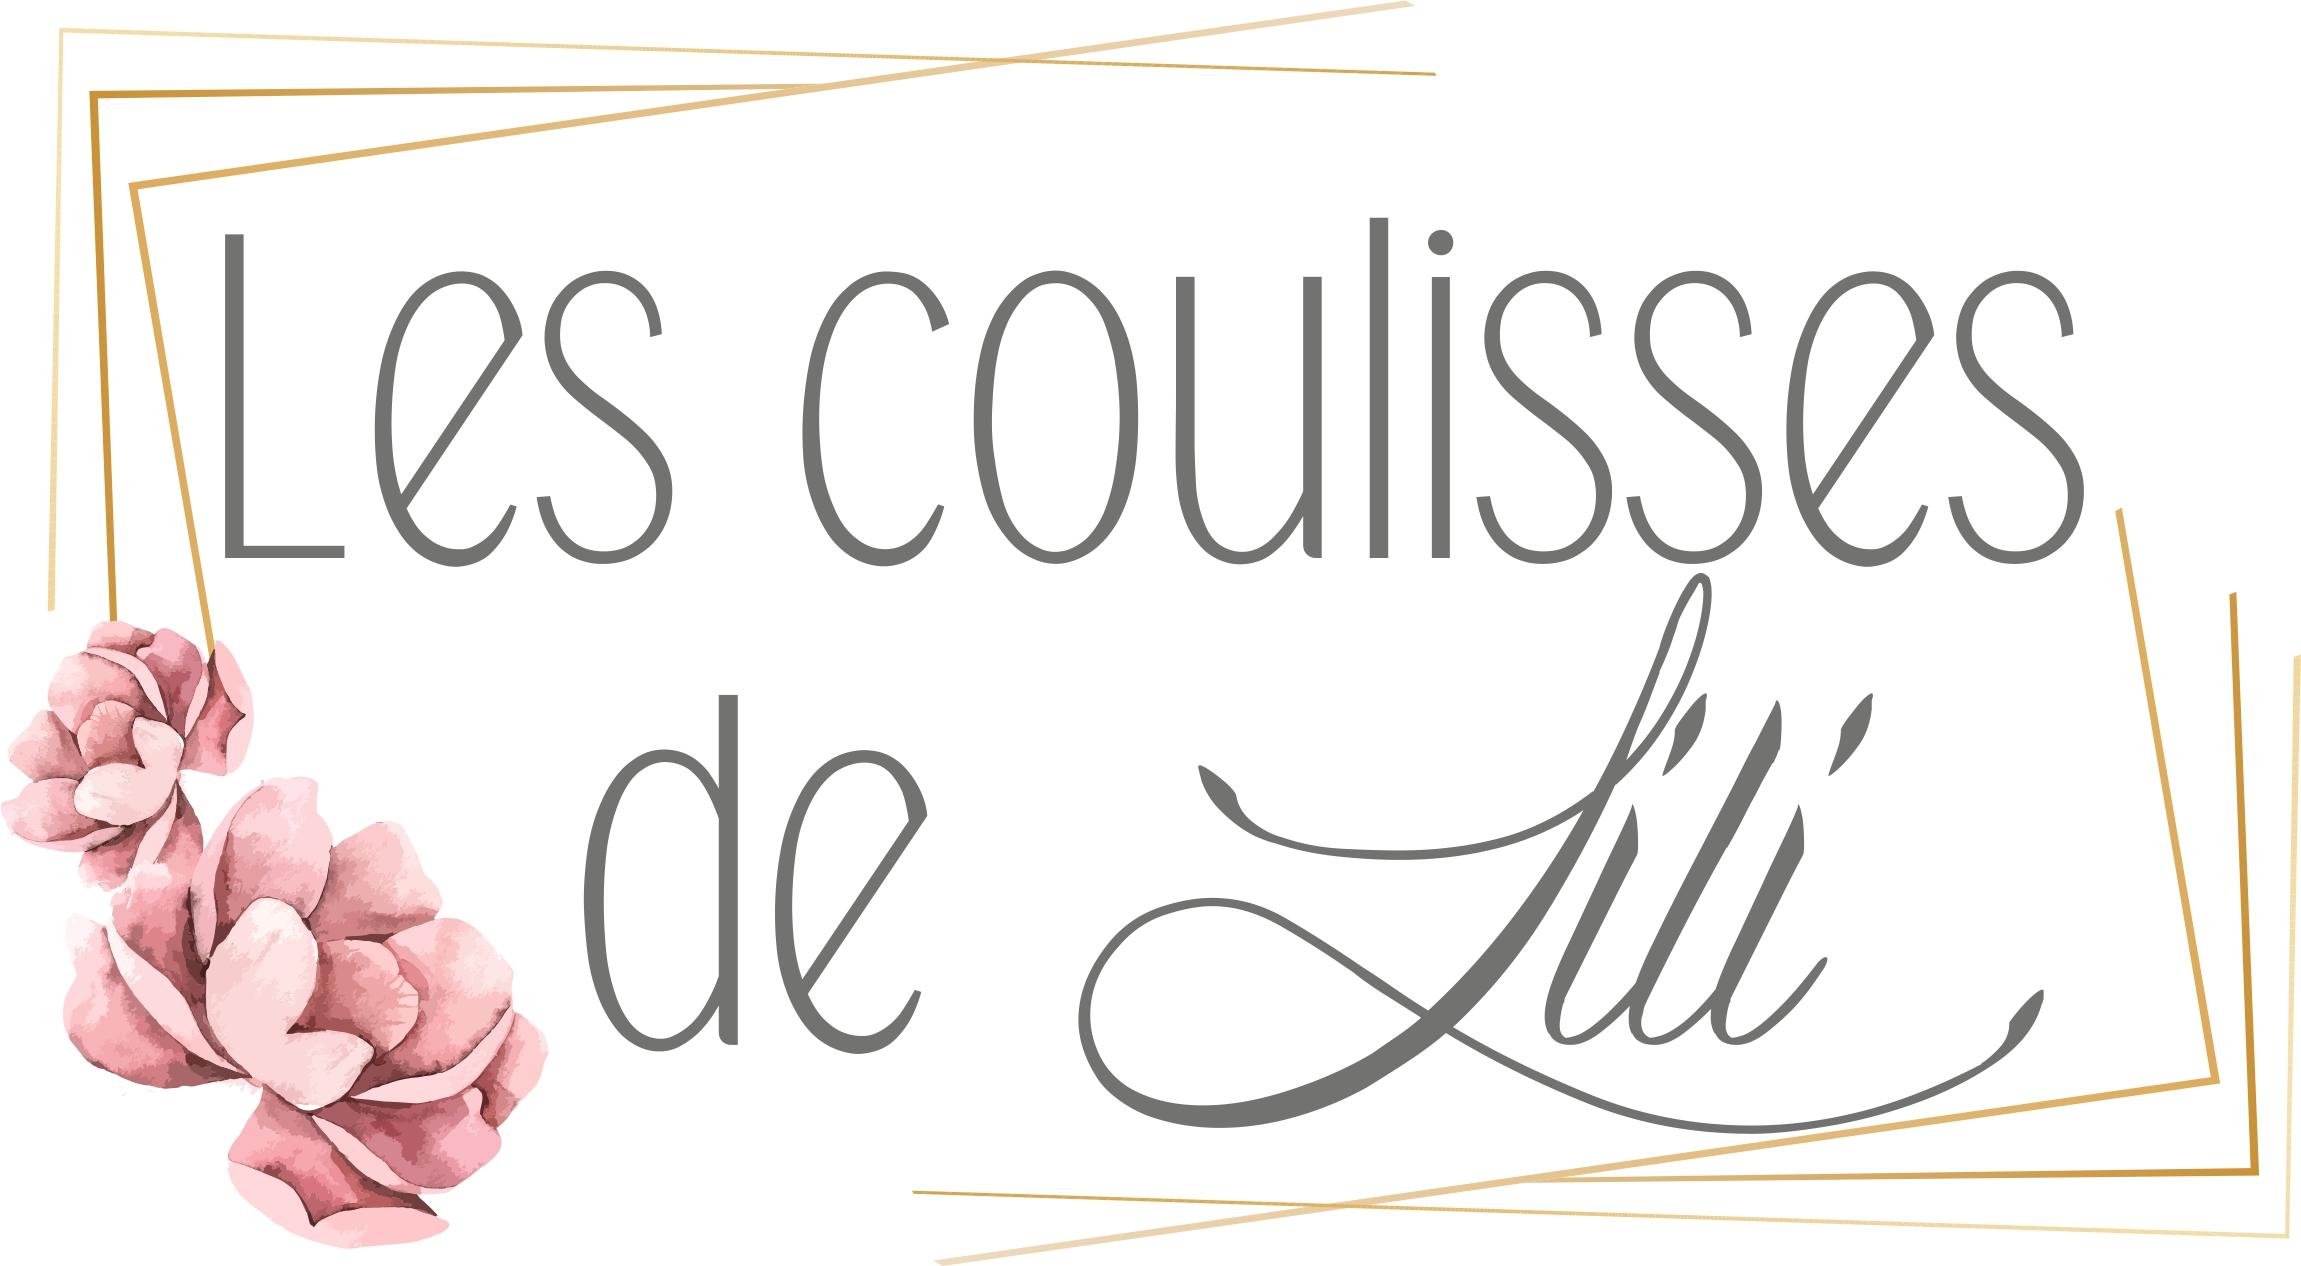 Organisateur Mariage Lyon Les Coulisses de Lili